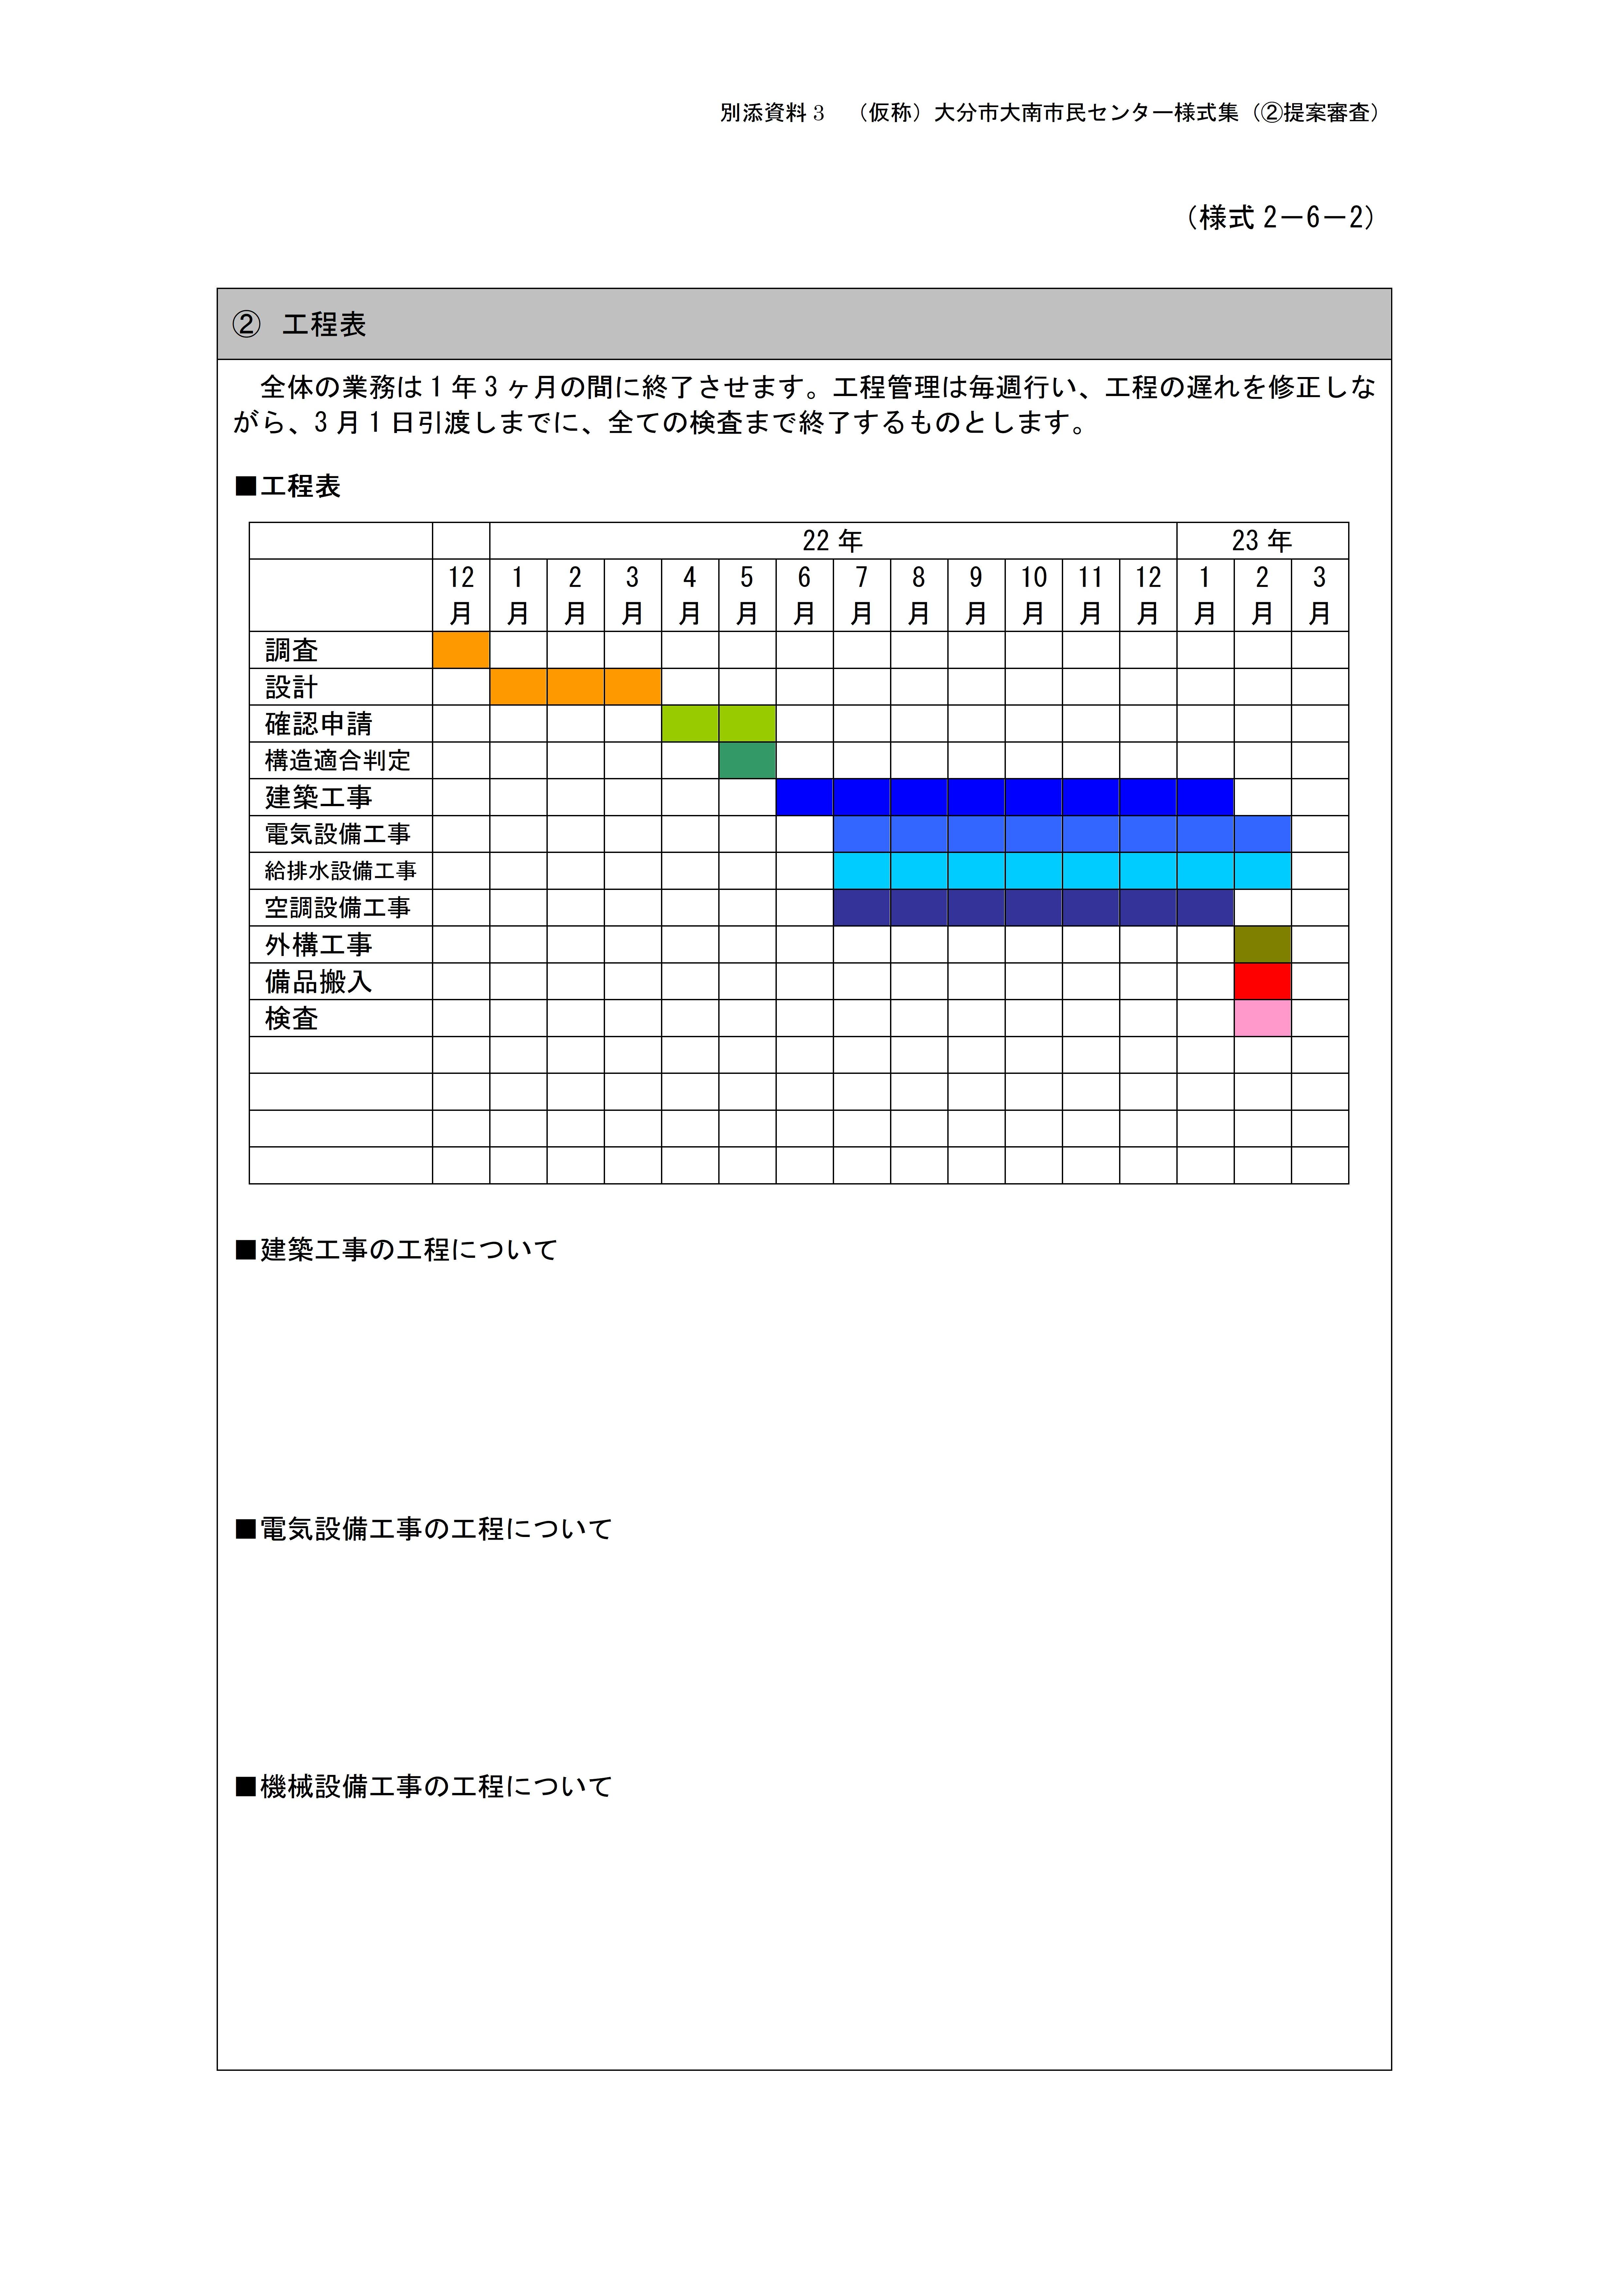 27 設計提出書類(最終)-18